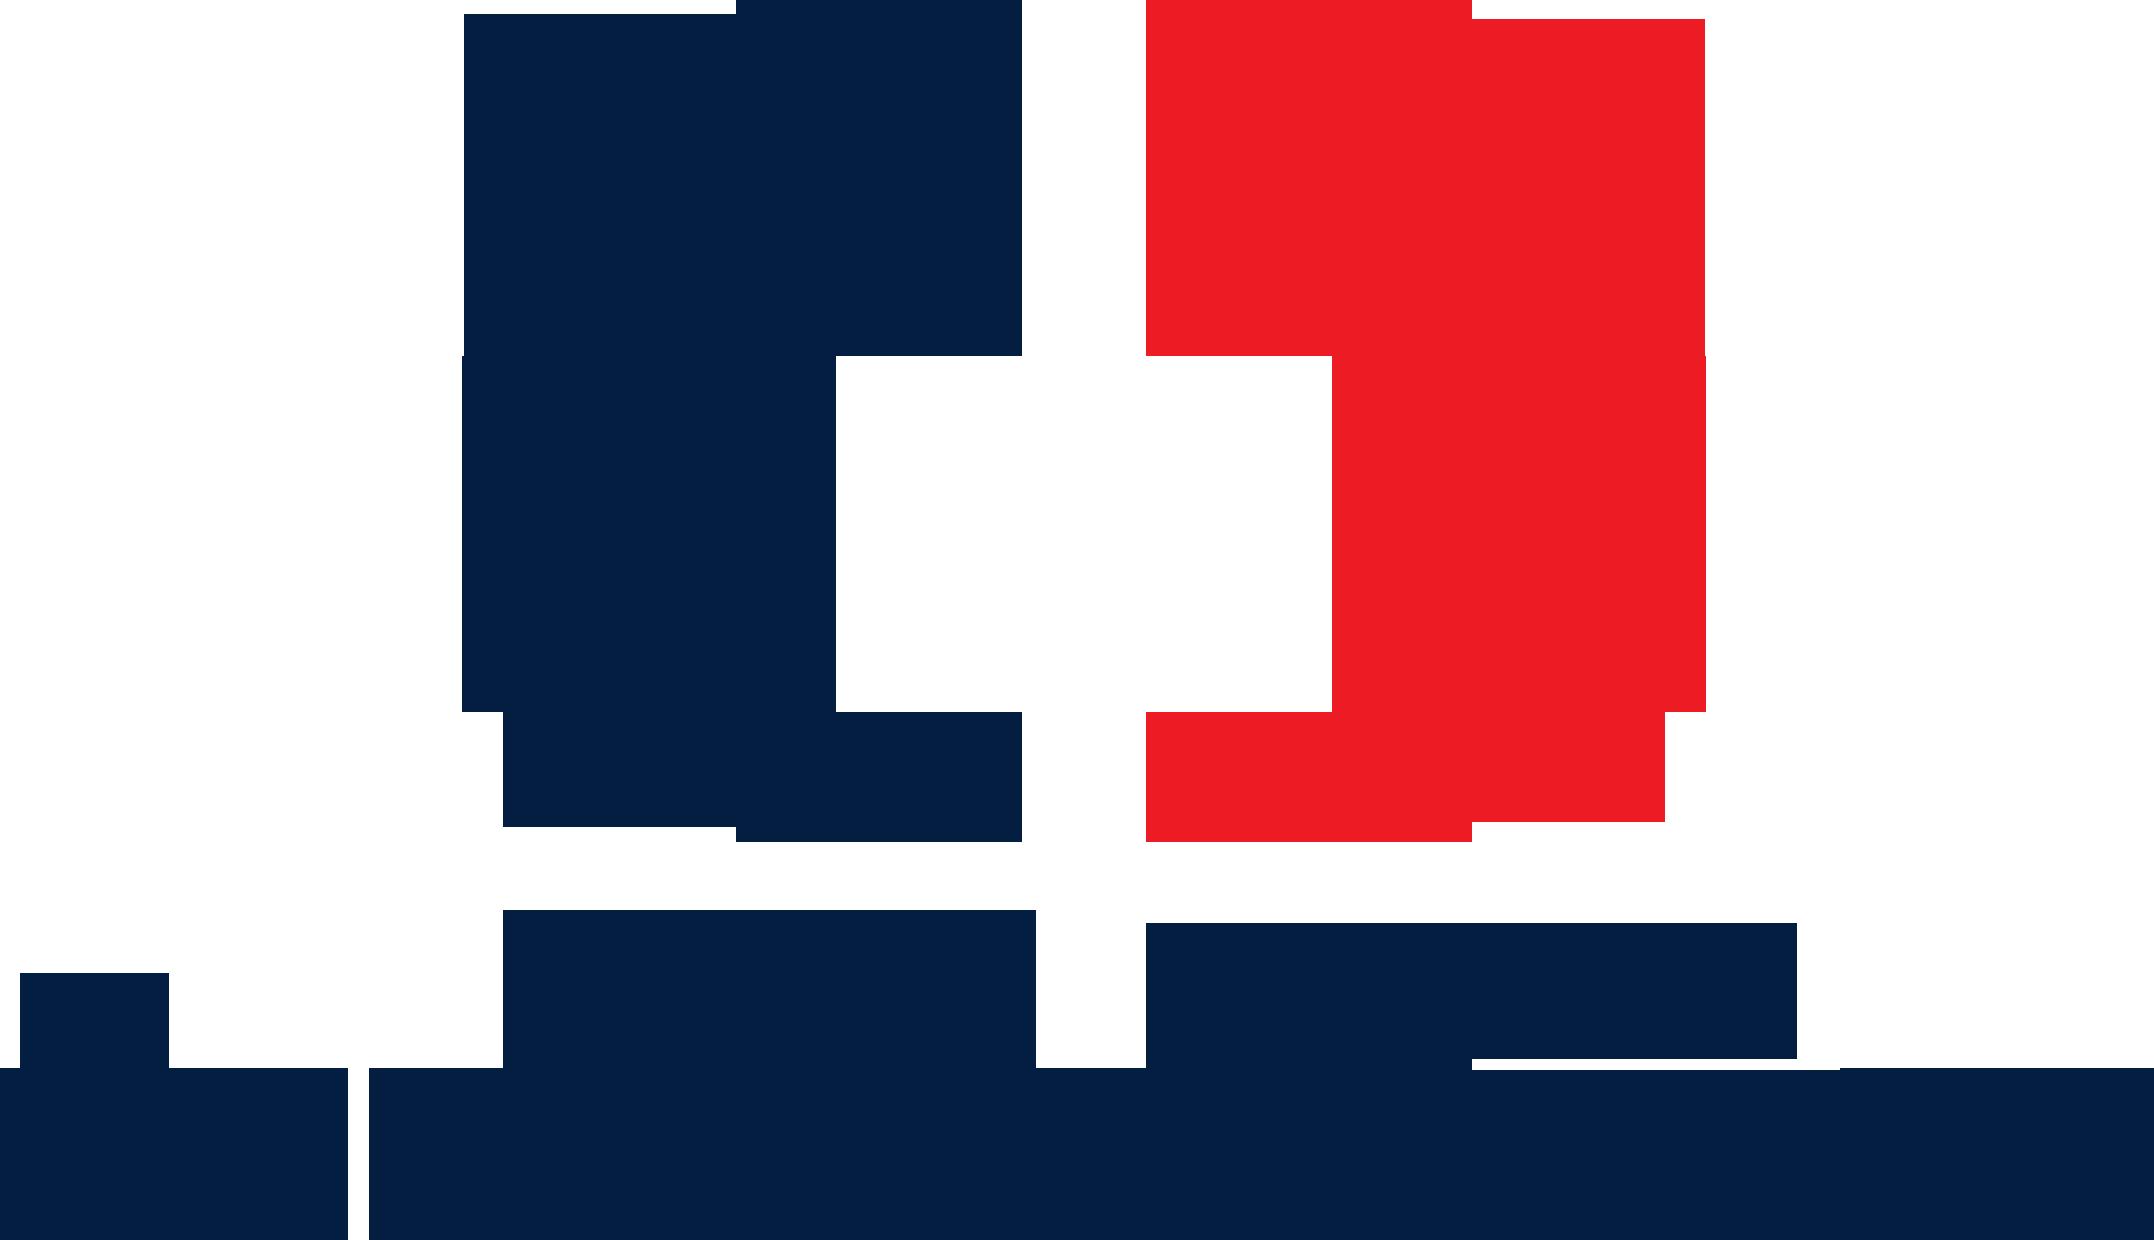 http://www.ceskatelevize.cz/